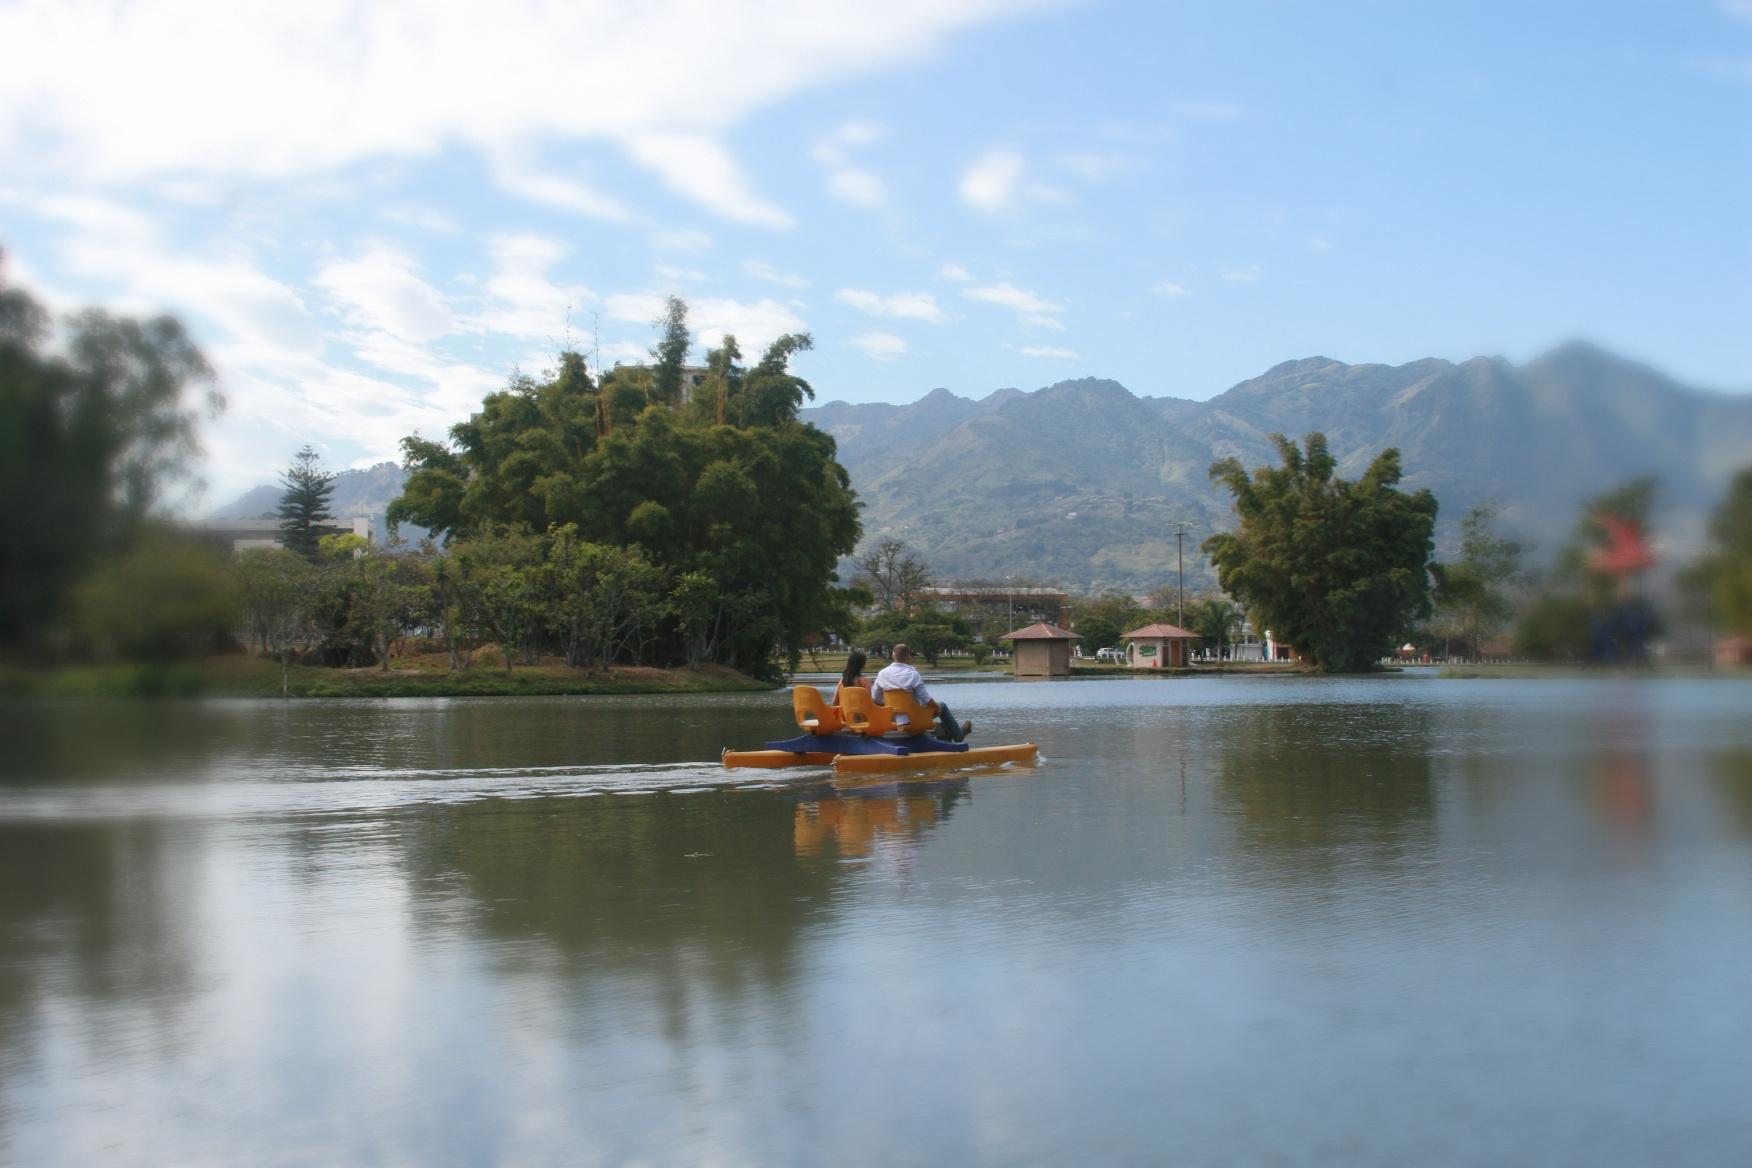 Fotografia Profesional  de Bodas en Costa Rica Rut Ben Yehuda. Sesion fotográfica de compromiso en el parque la Sabana, San Jose, Costa Rica.